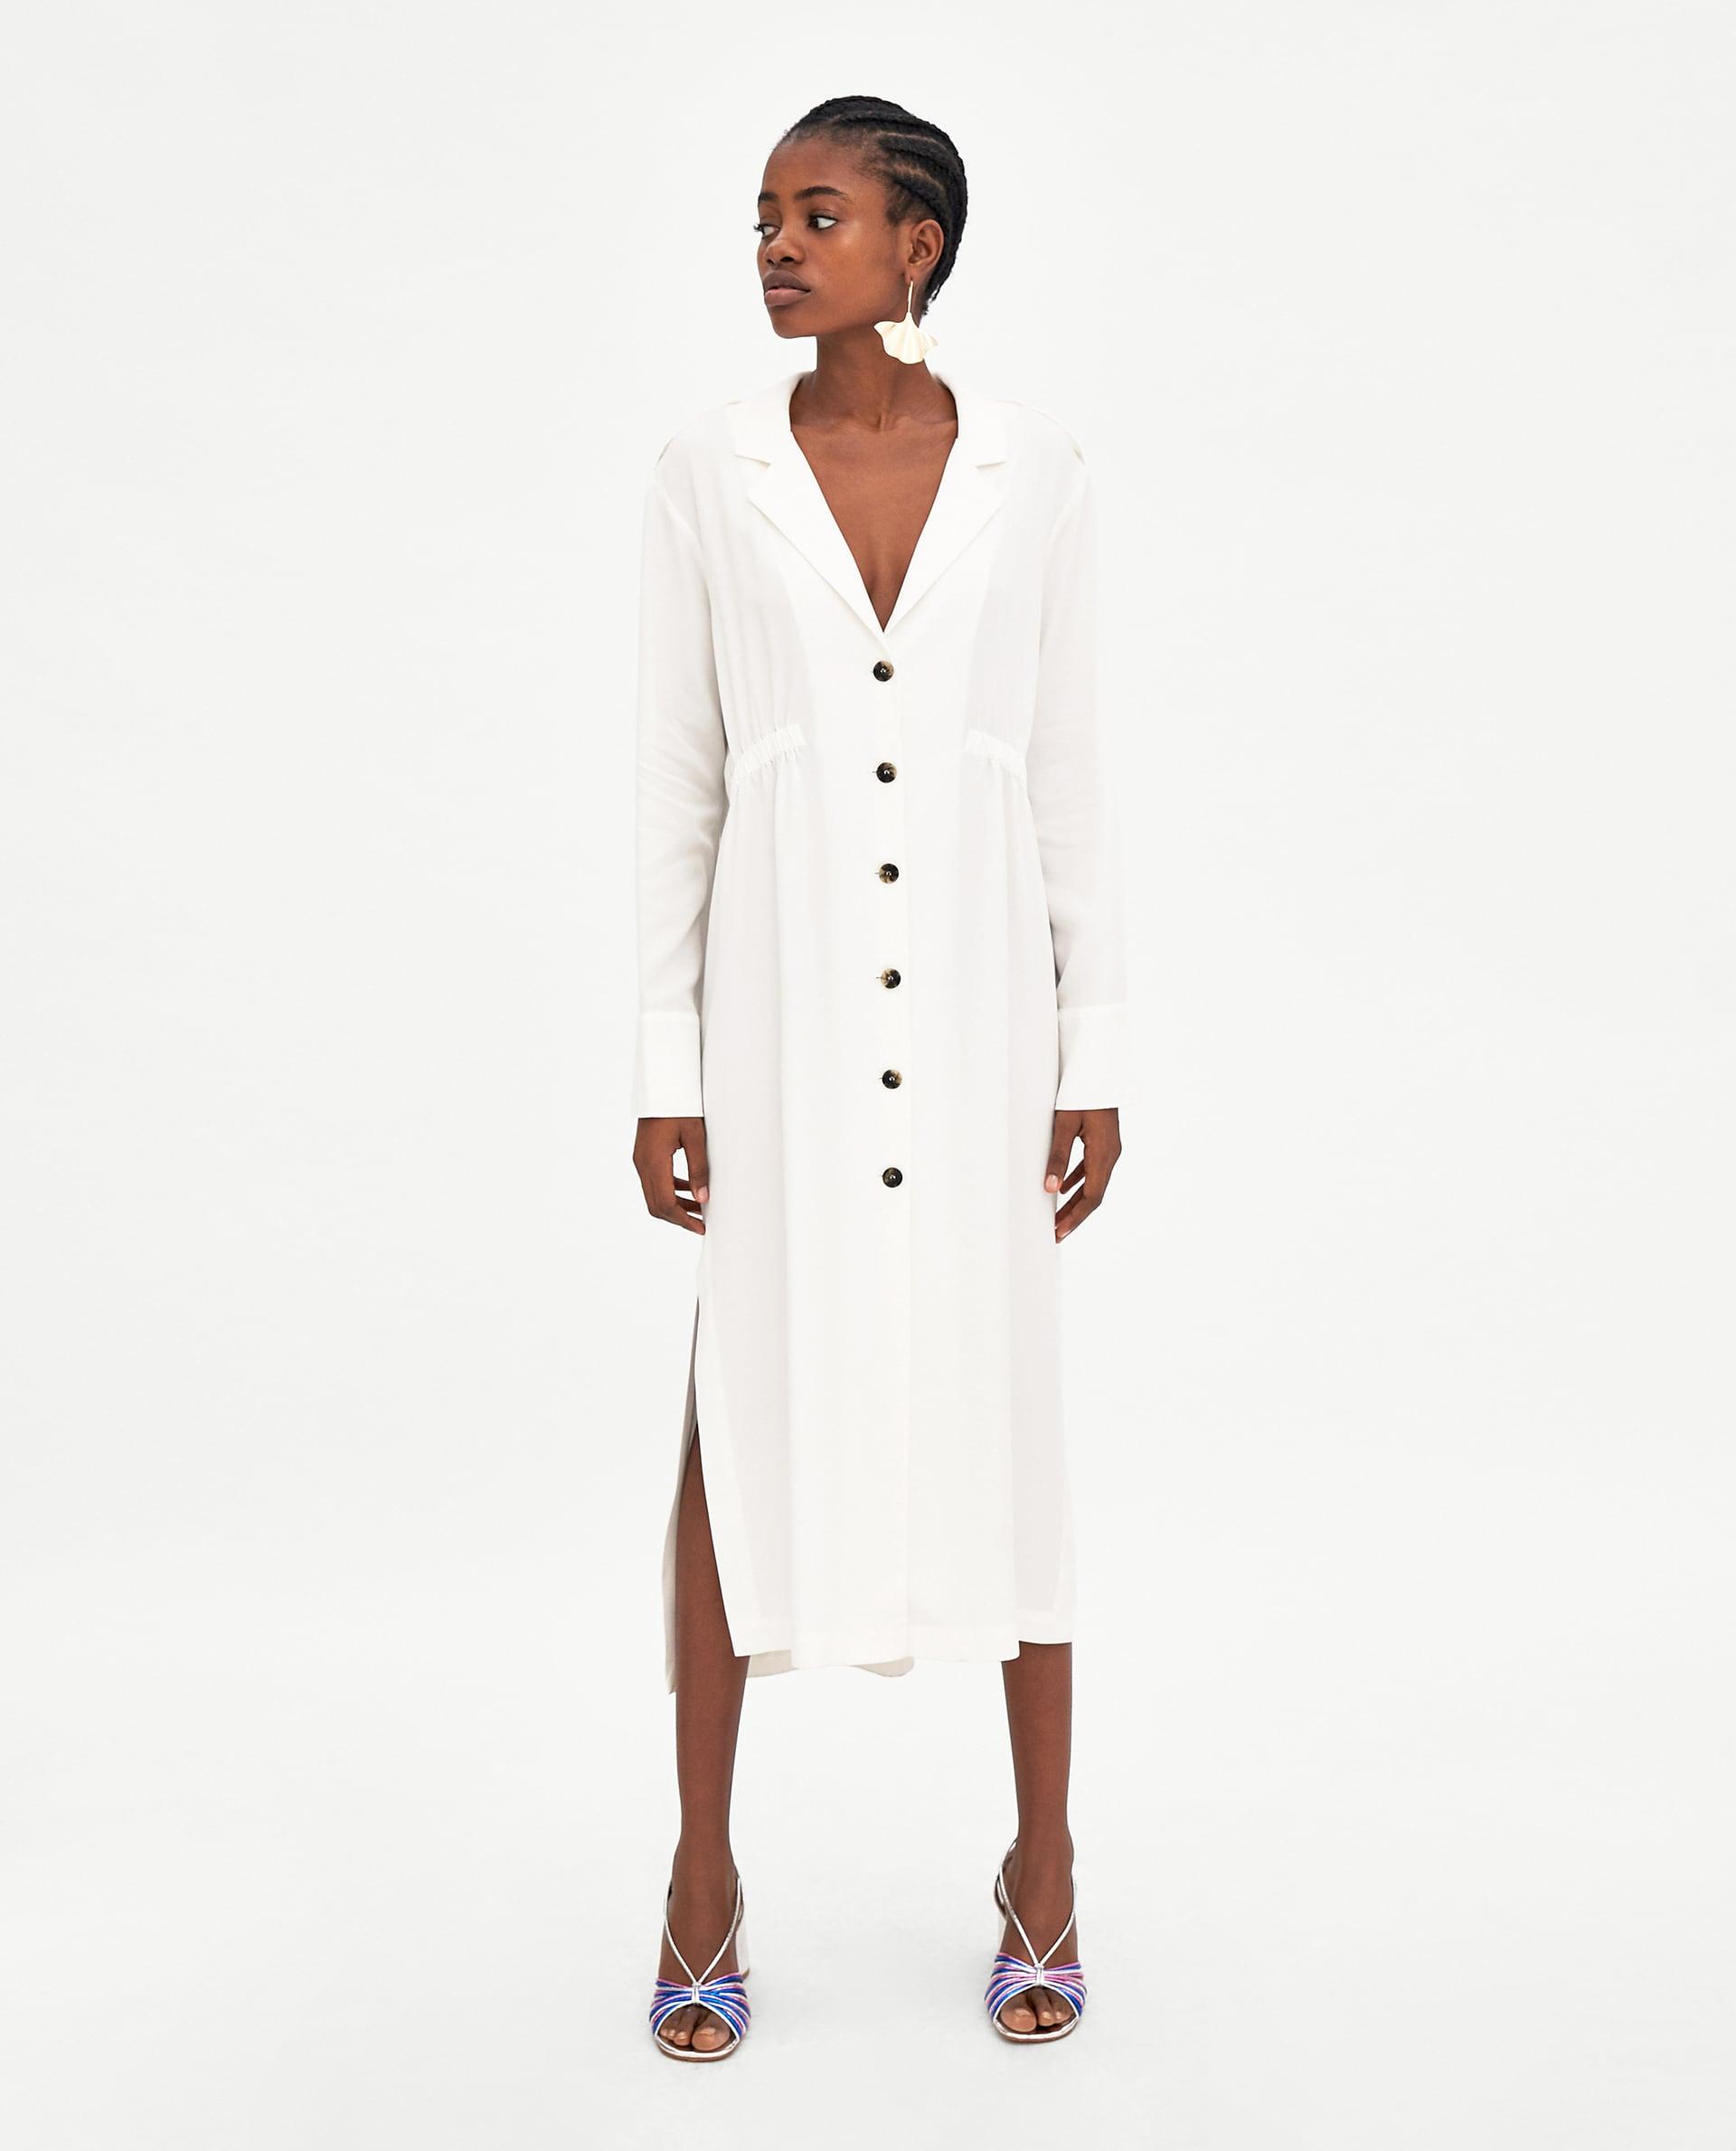 10. kép:  Gombos fehér ruha Zara 9995 Ft